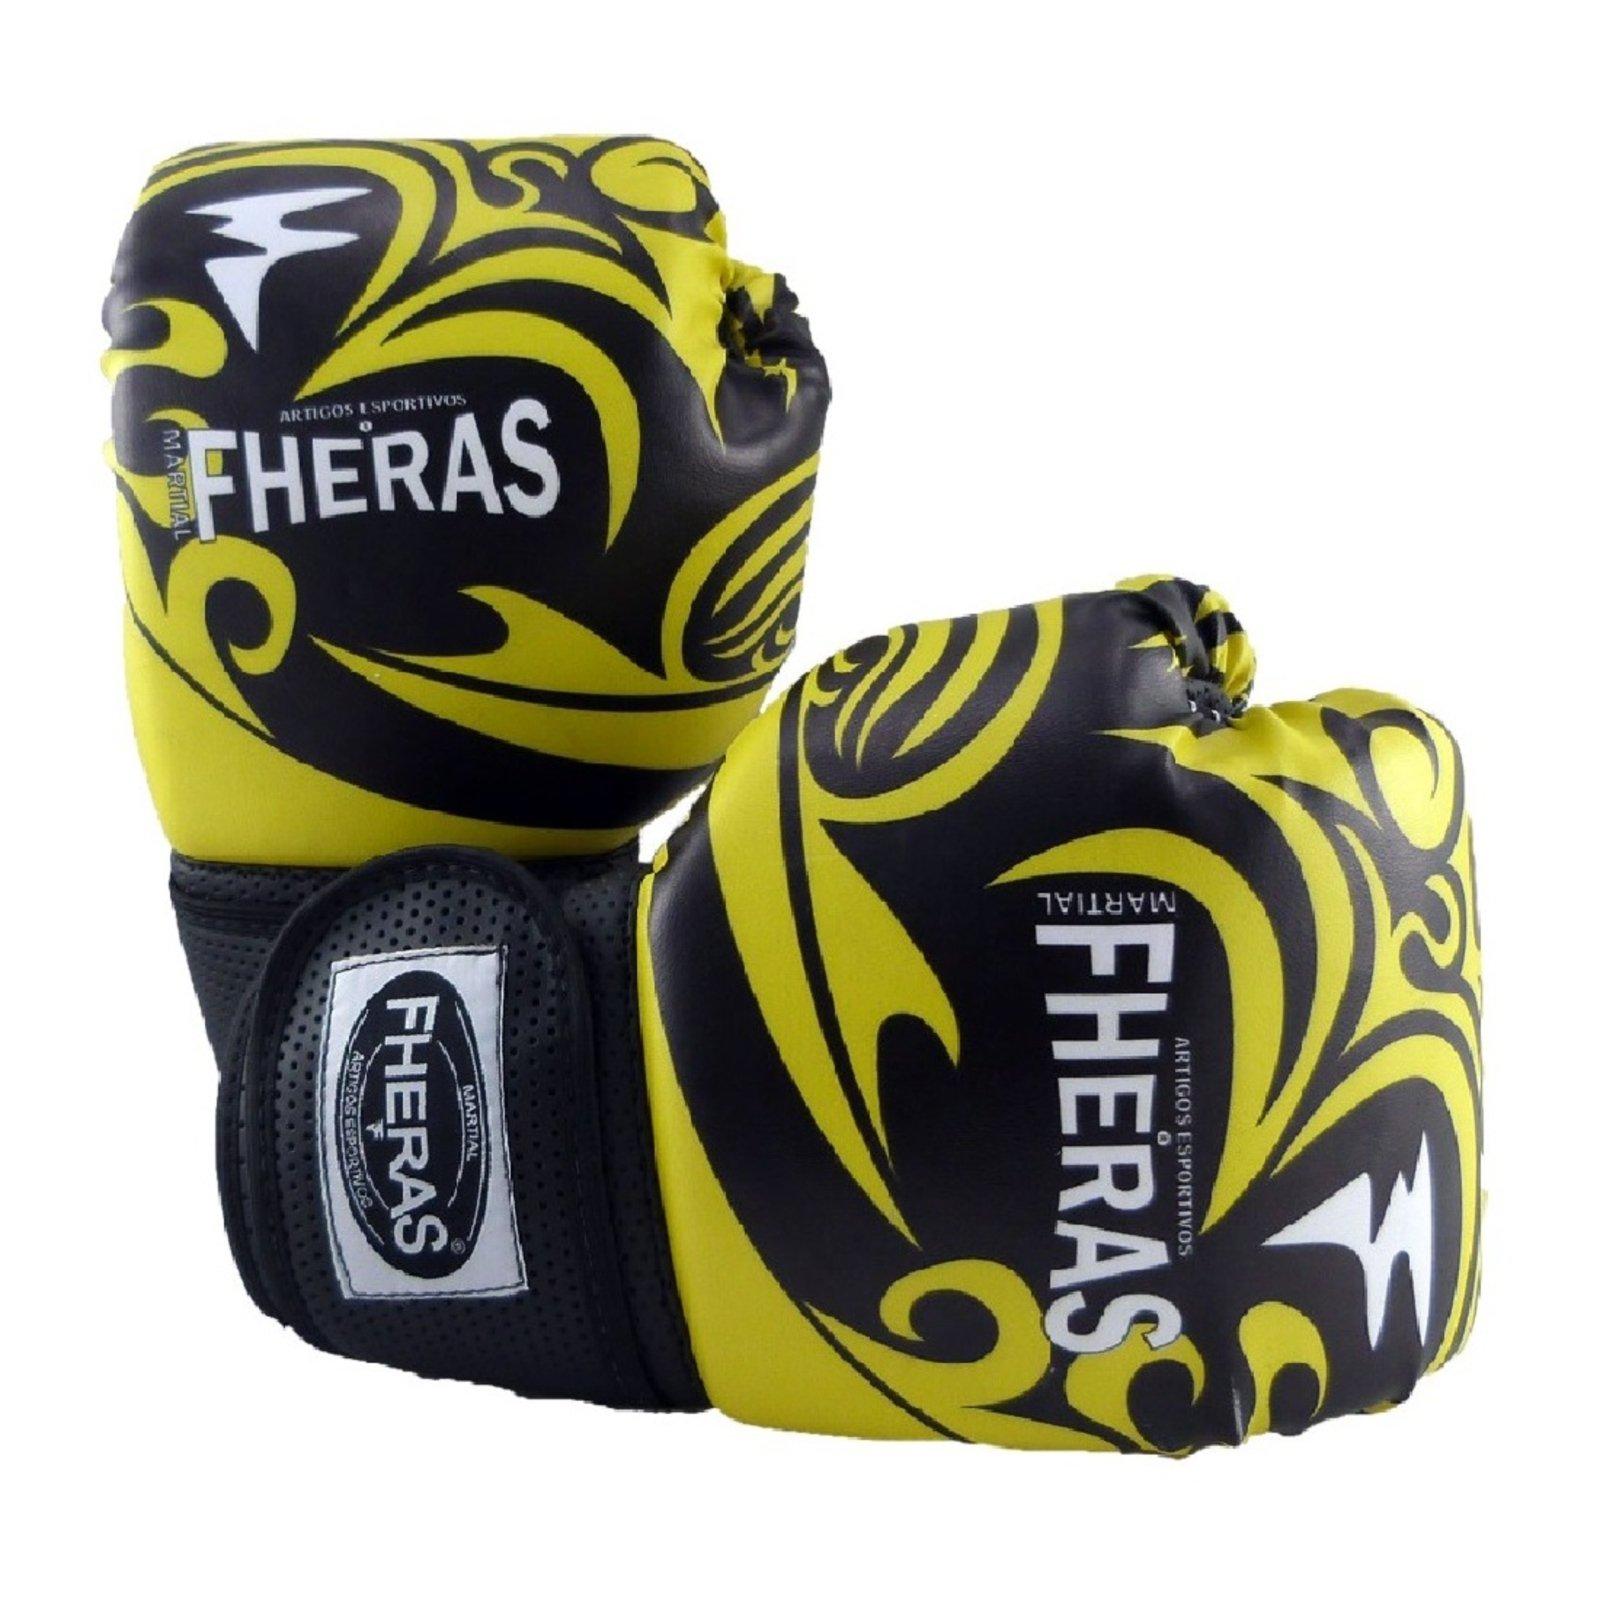 Kit Boxe Muay Thai Fheras New Top Luva Band Bucal Caneleira Free Tribal Amarelo 012 - Compre Agora